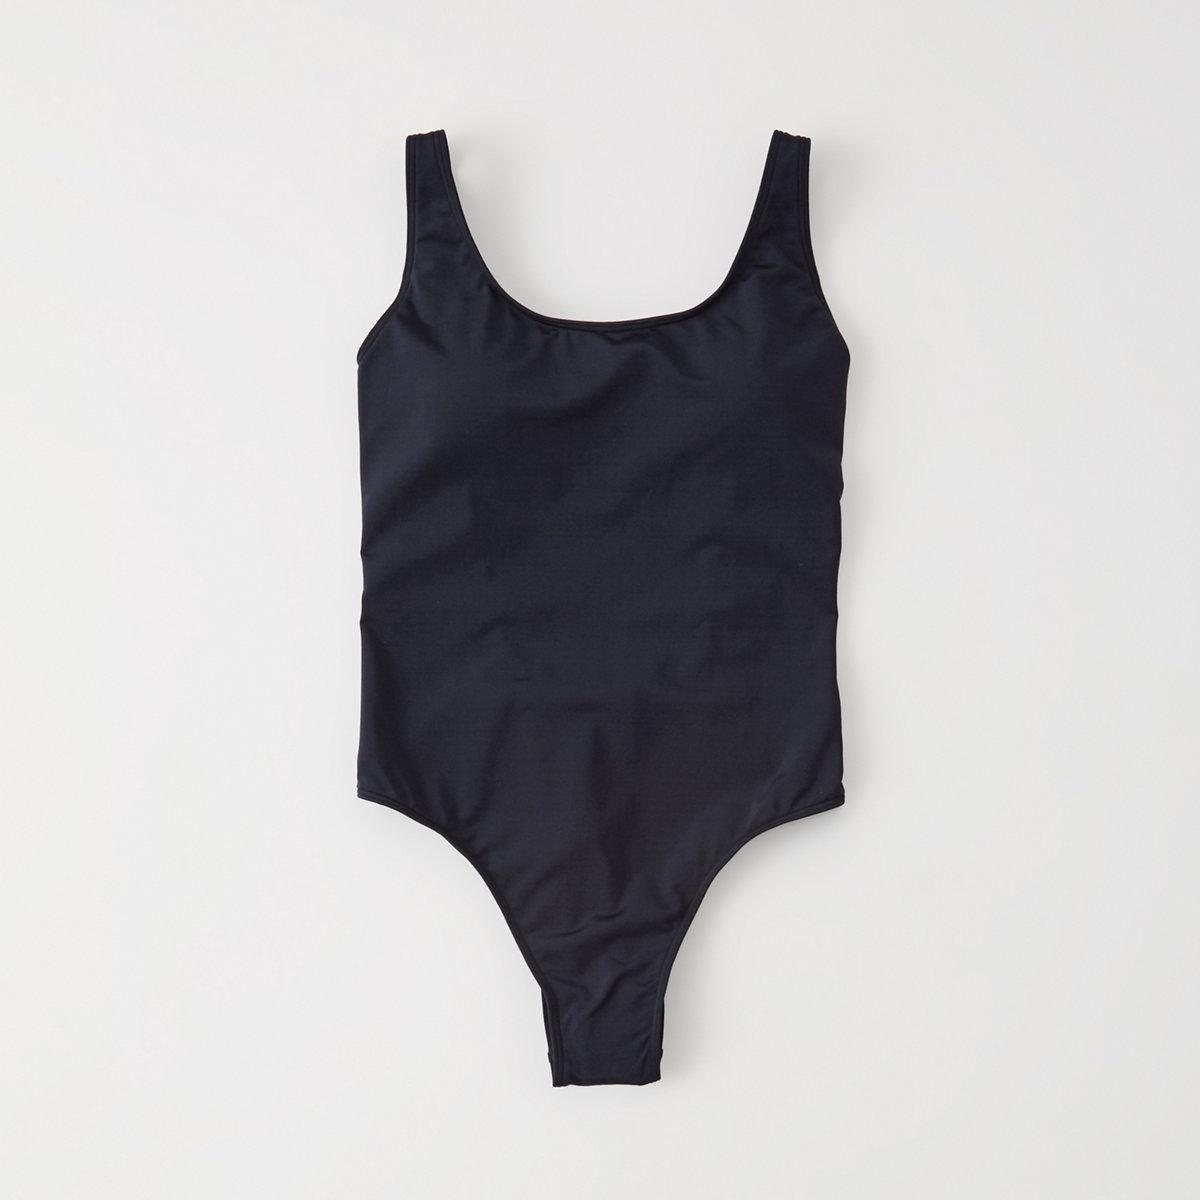 Scoopneck One Piece Swimsuit